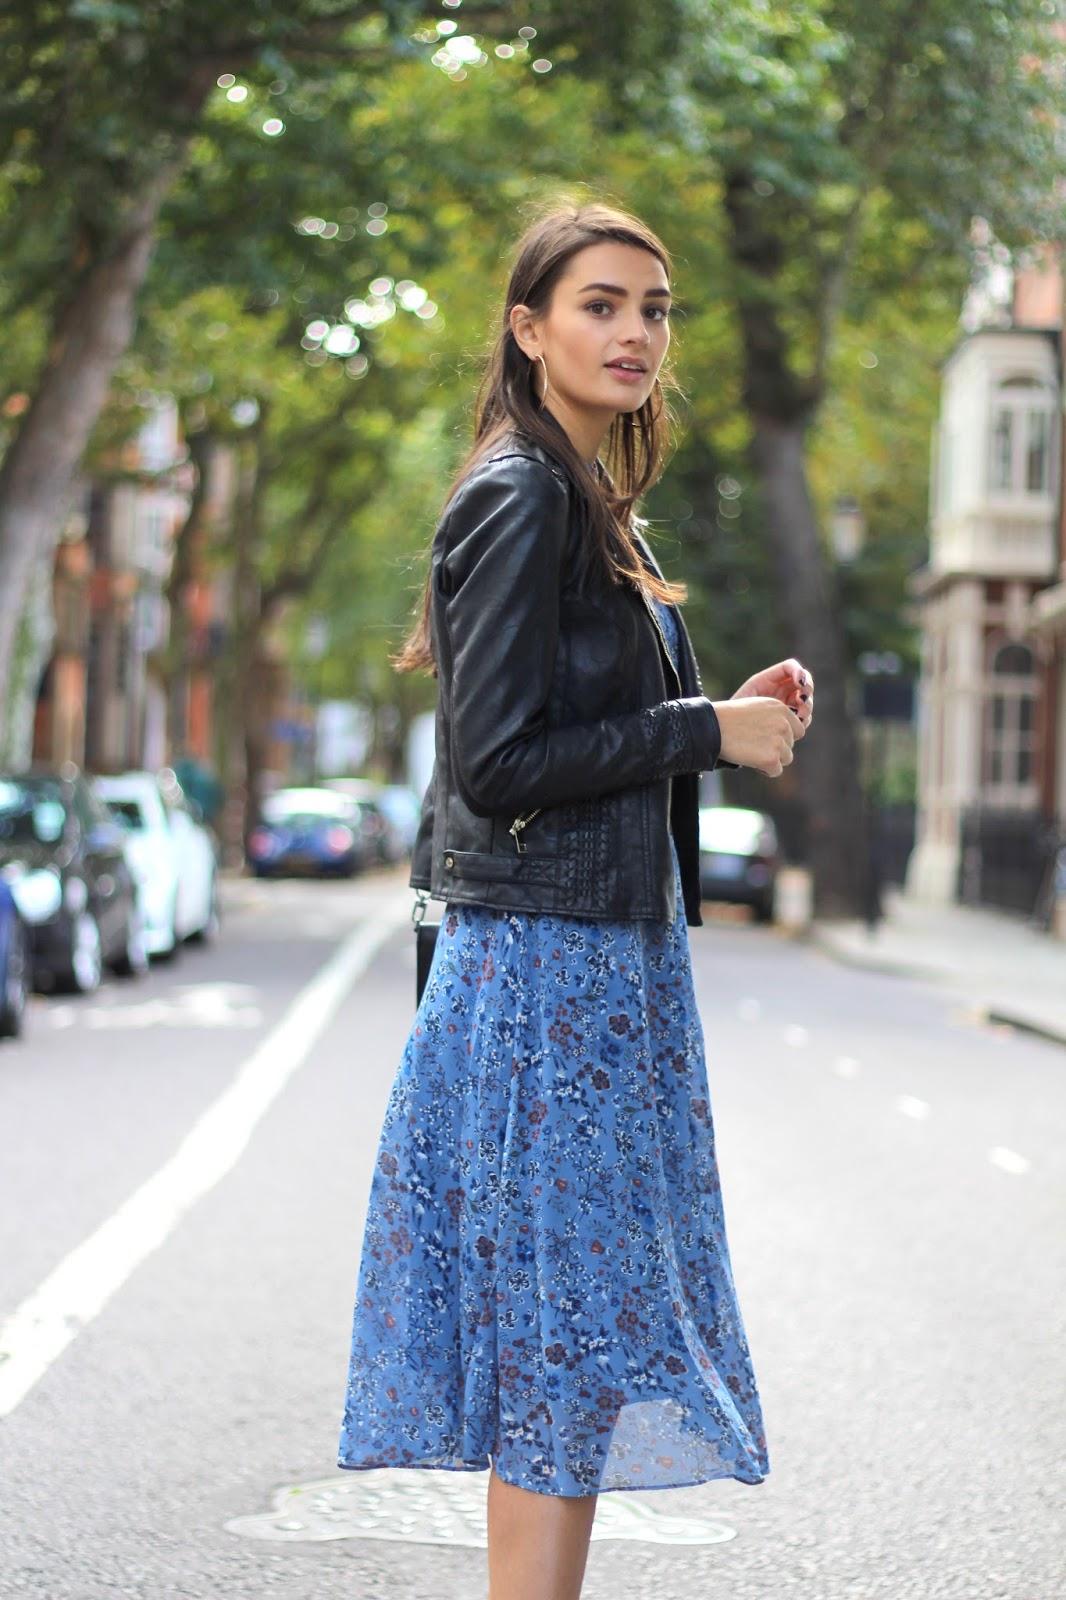 peexo autumn fashion